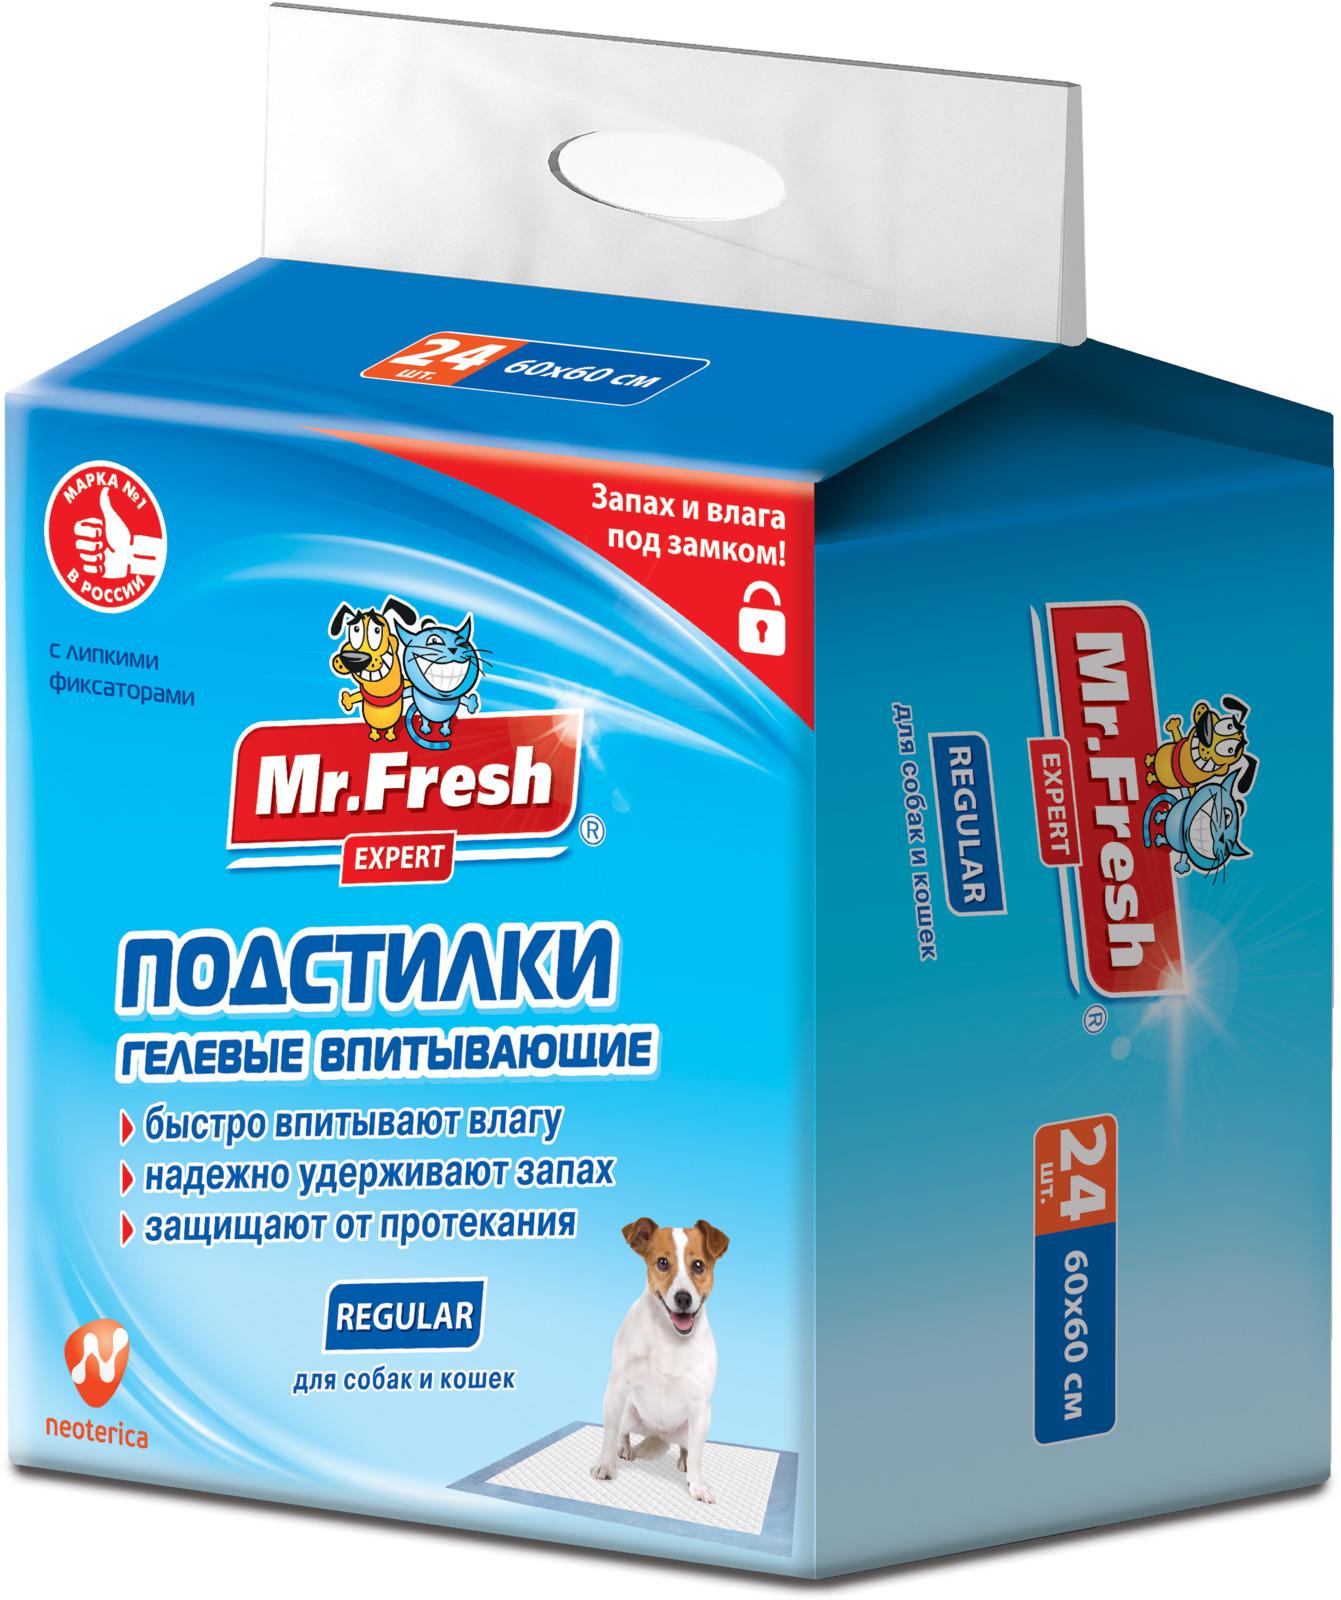 Пеленка-подстилка для животных Mr.Fresh Expert Regular, впитывающая, гелевый наполнитель, 60 х 60 см, 24 шт